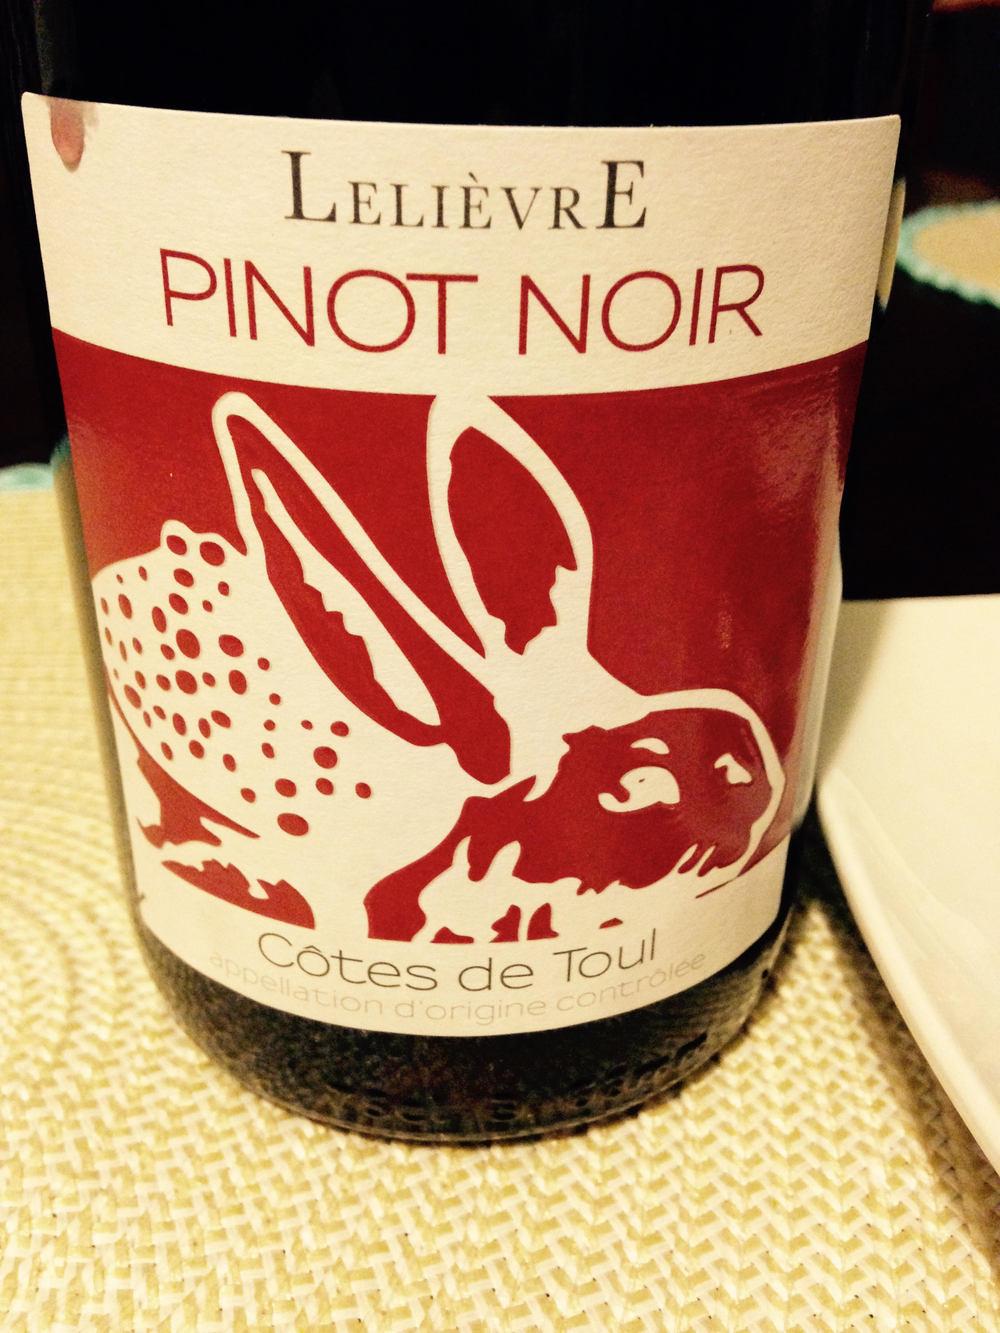 Domaine Lelievre Pinot Noir from the Cotes de Toul | VAULT29